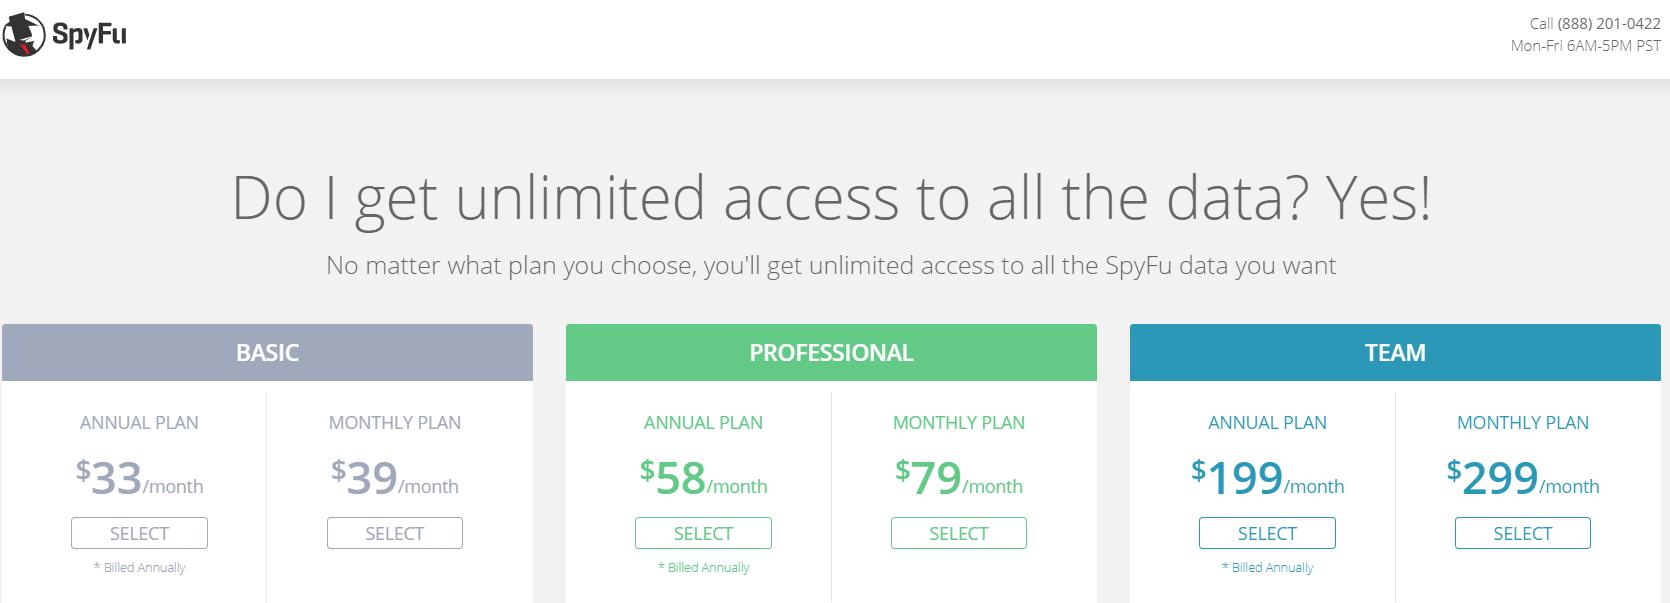 Spyfu - Pricing Plan